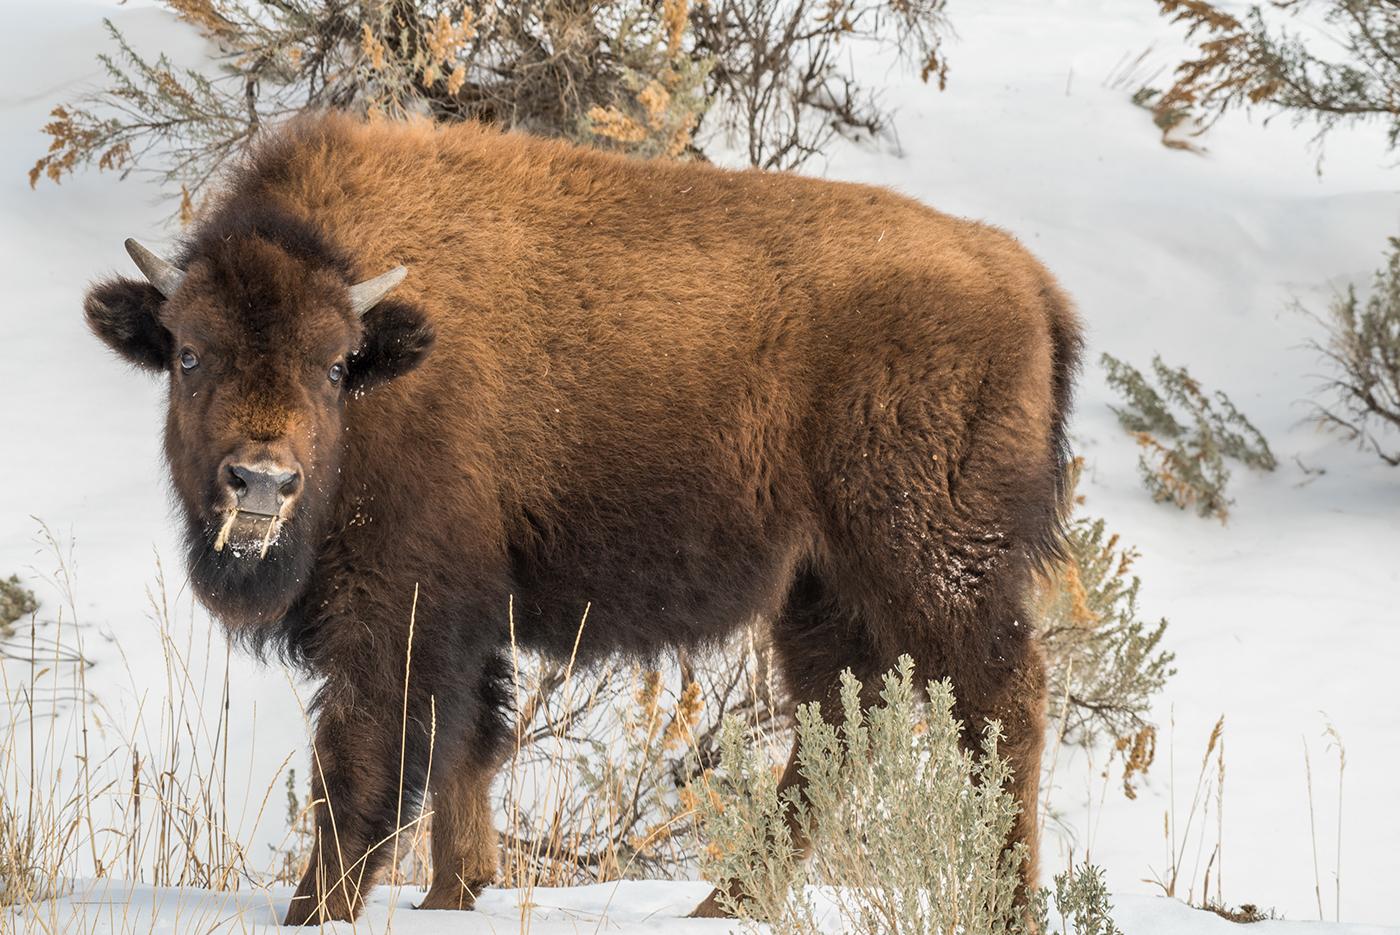 Young Buffalo